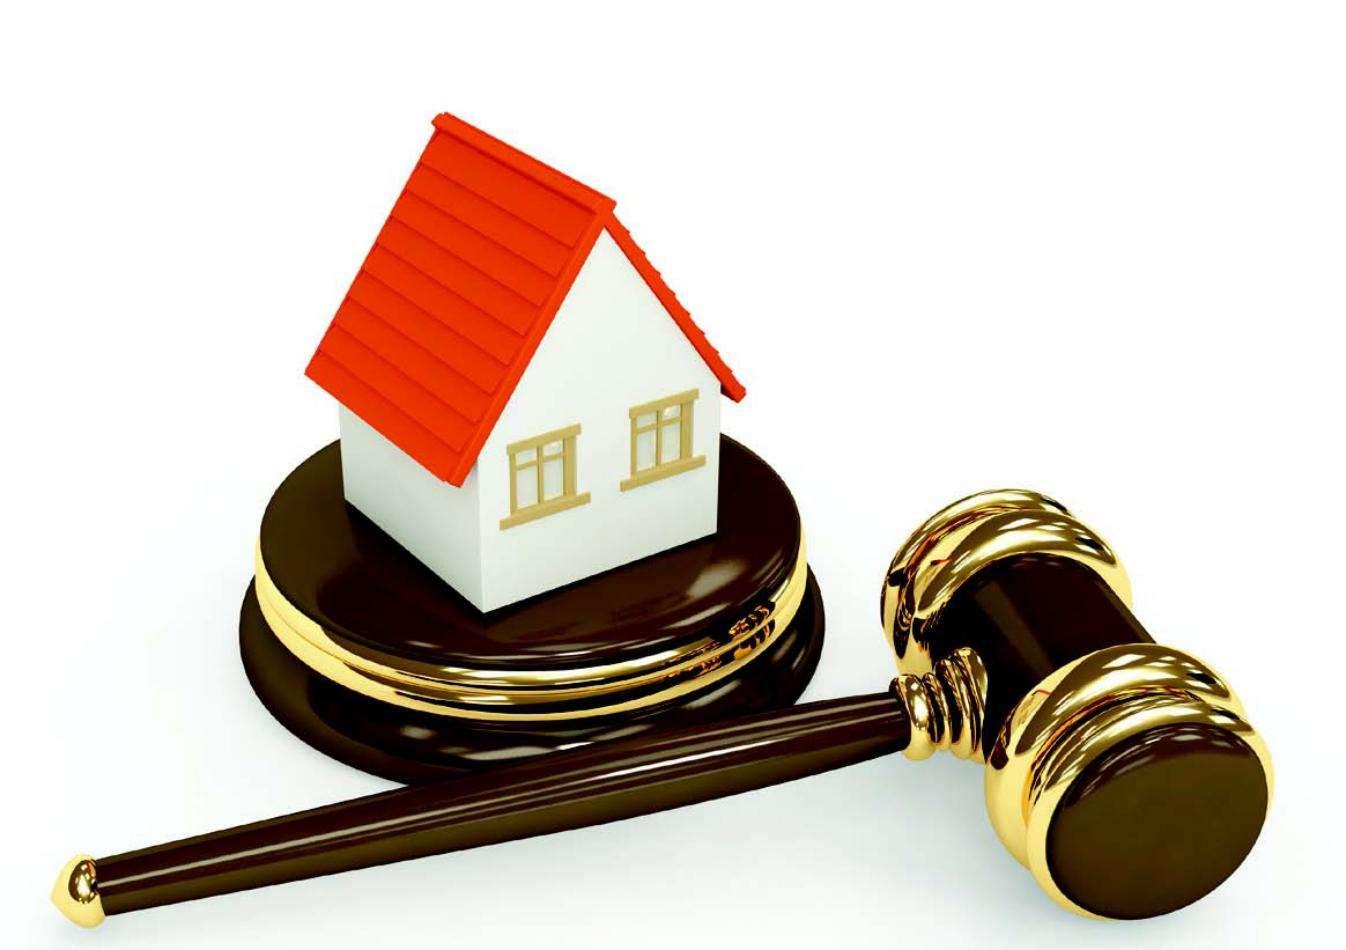 Залоговые аукционы: можно ли получить ипотеку на аукционную недвижимость